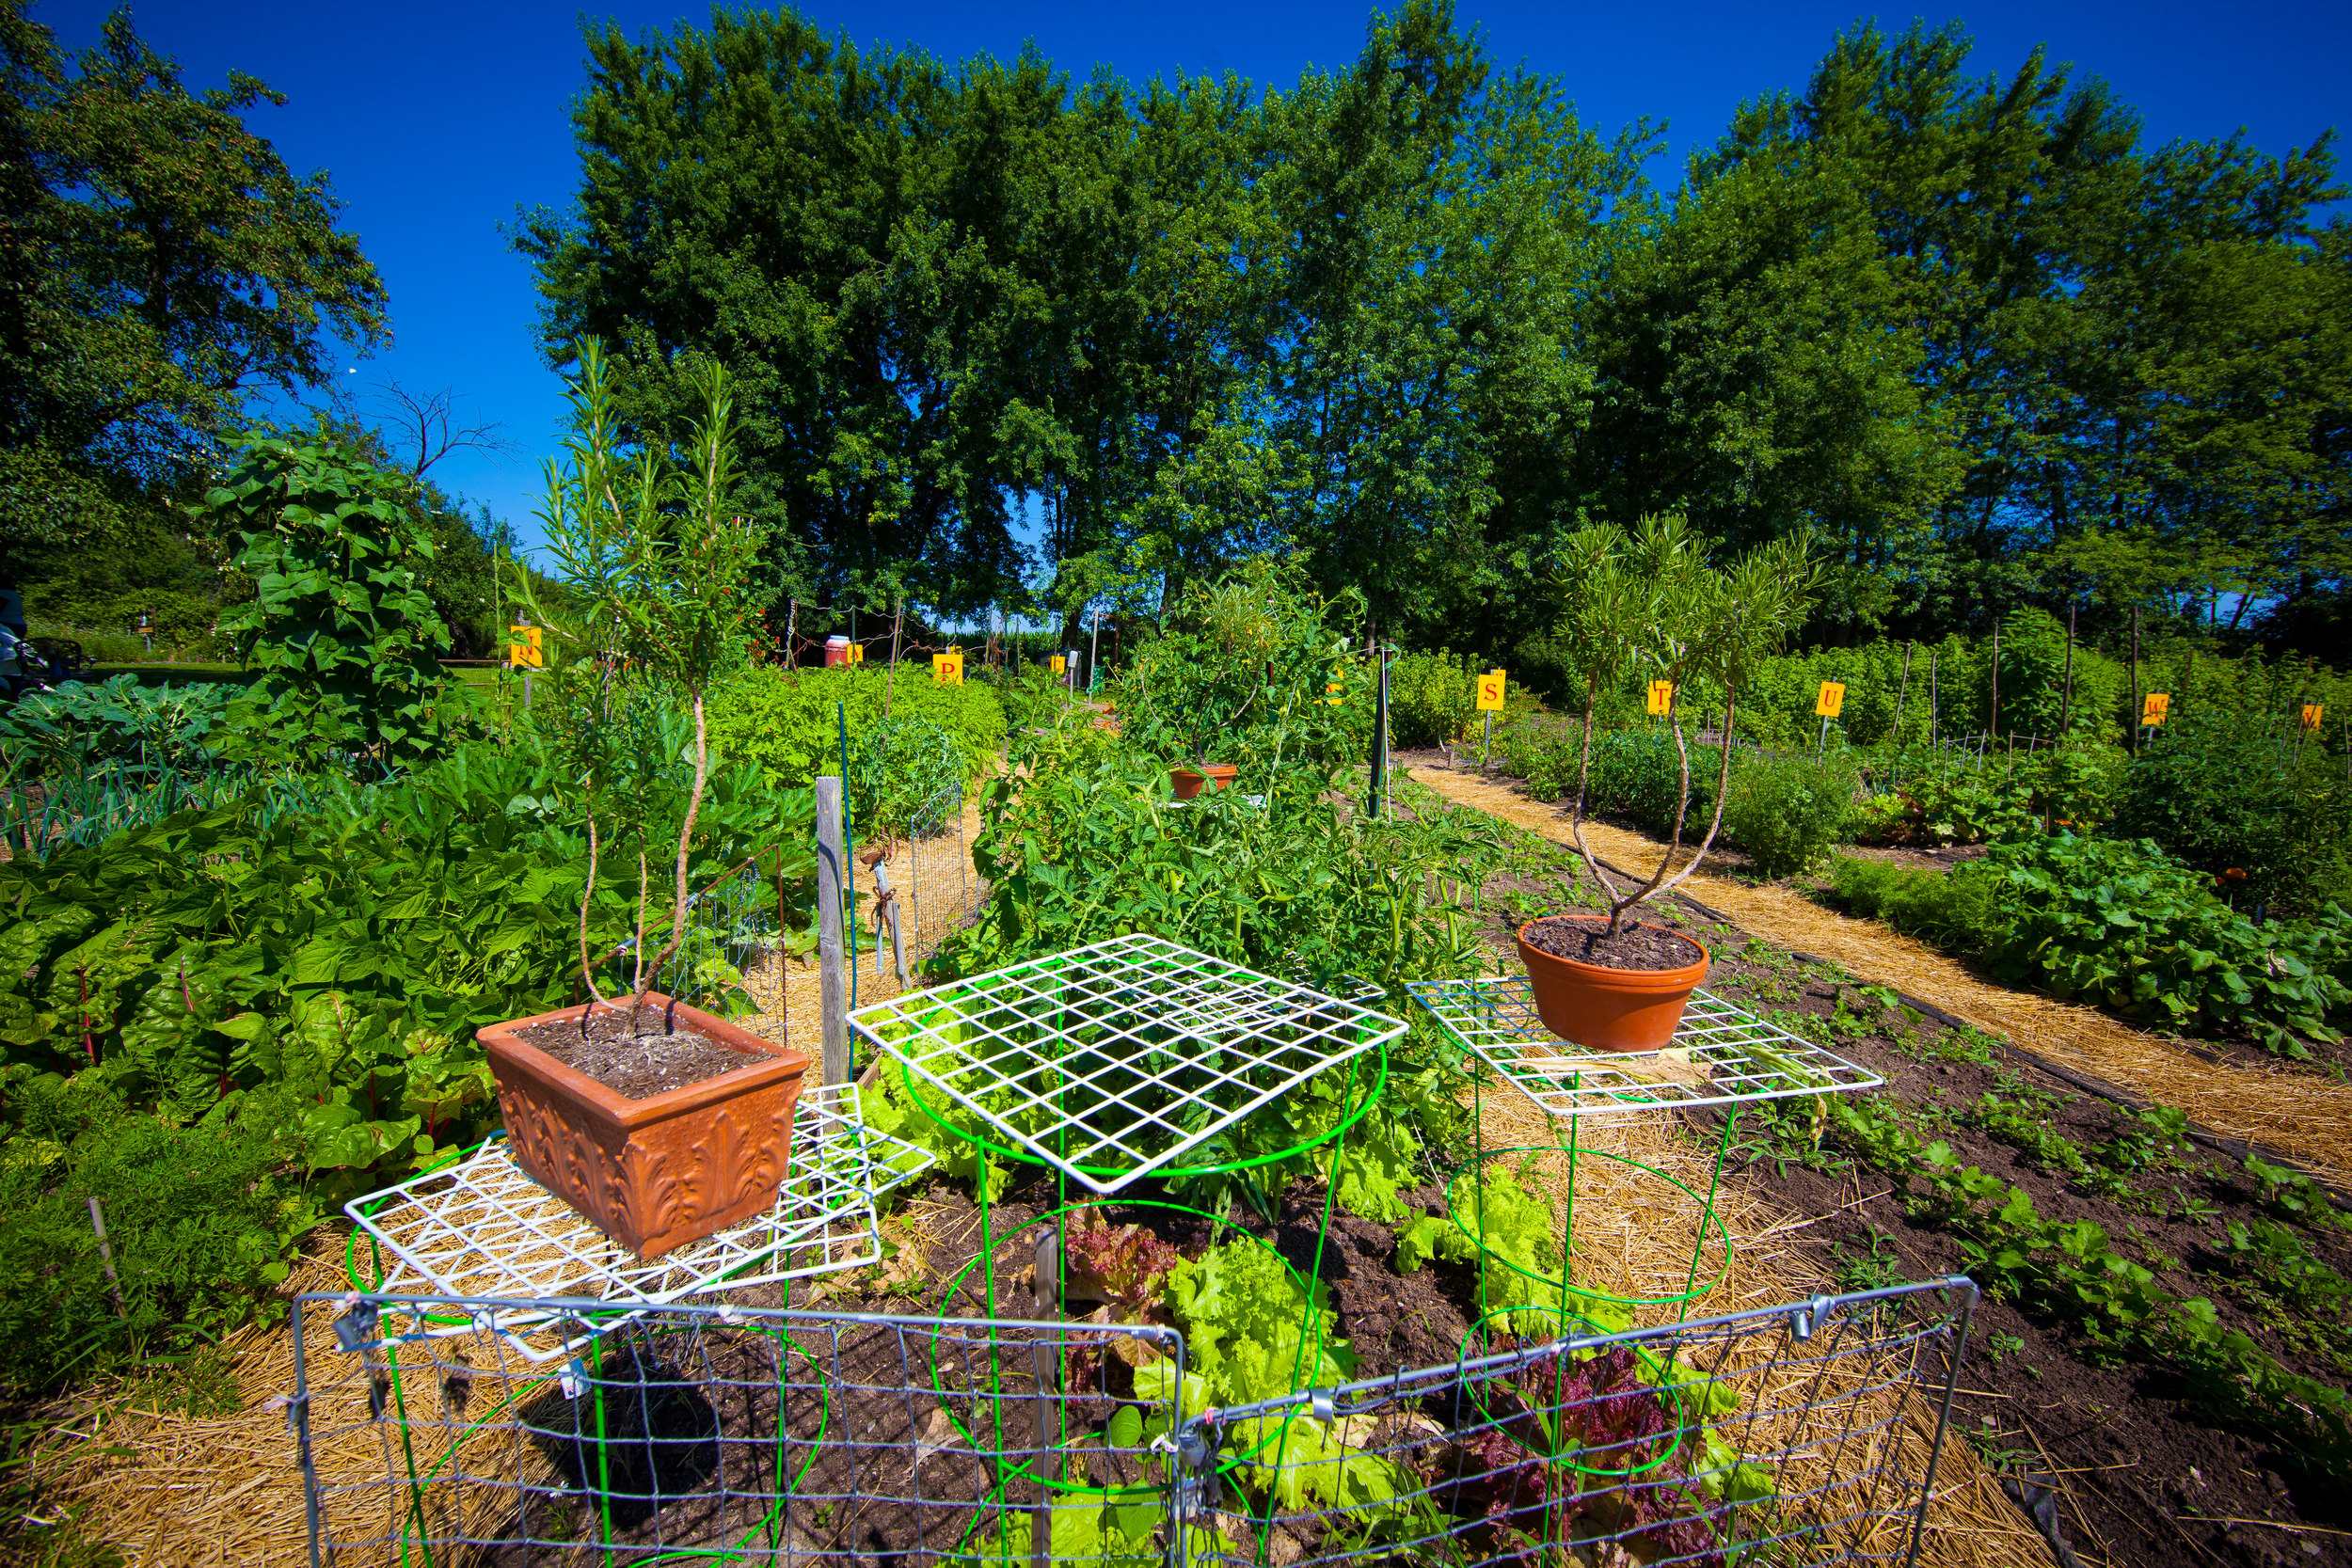 GardenTour2015-15.jpg